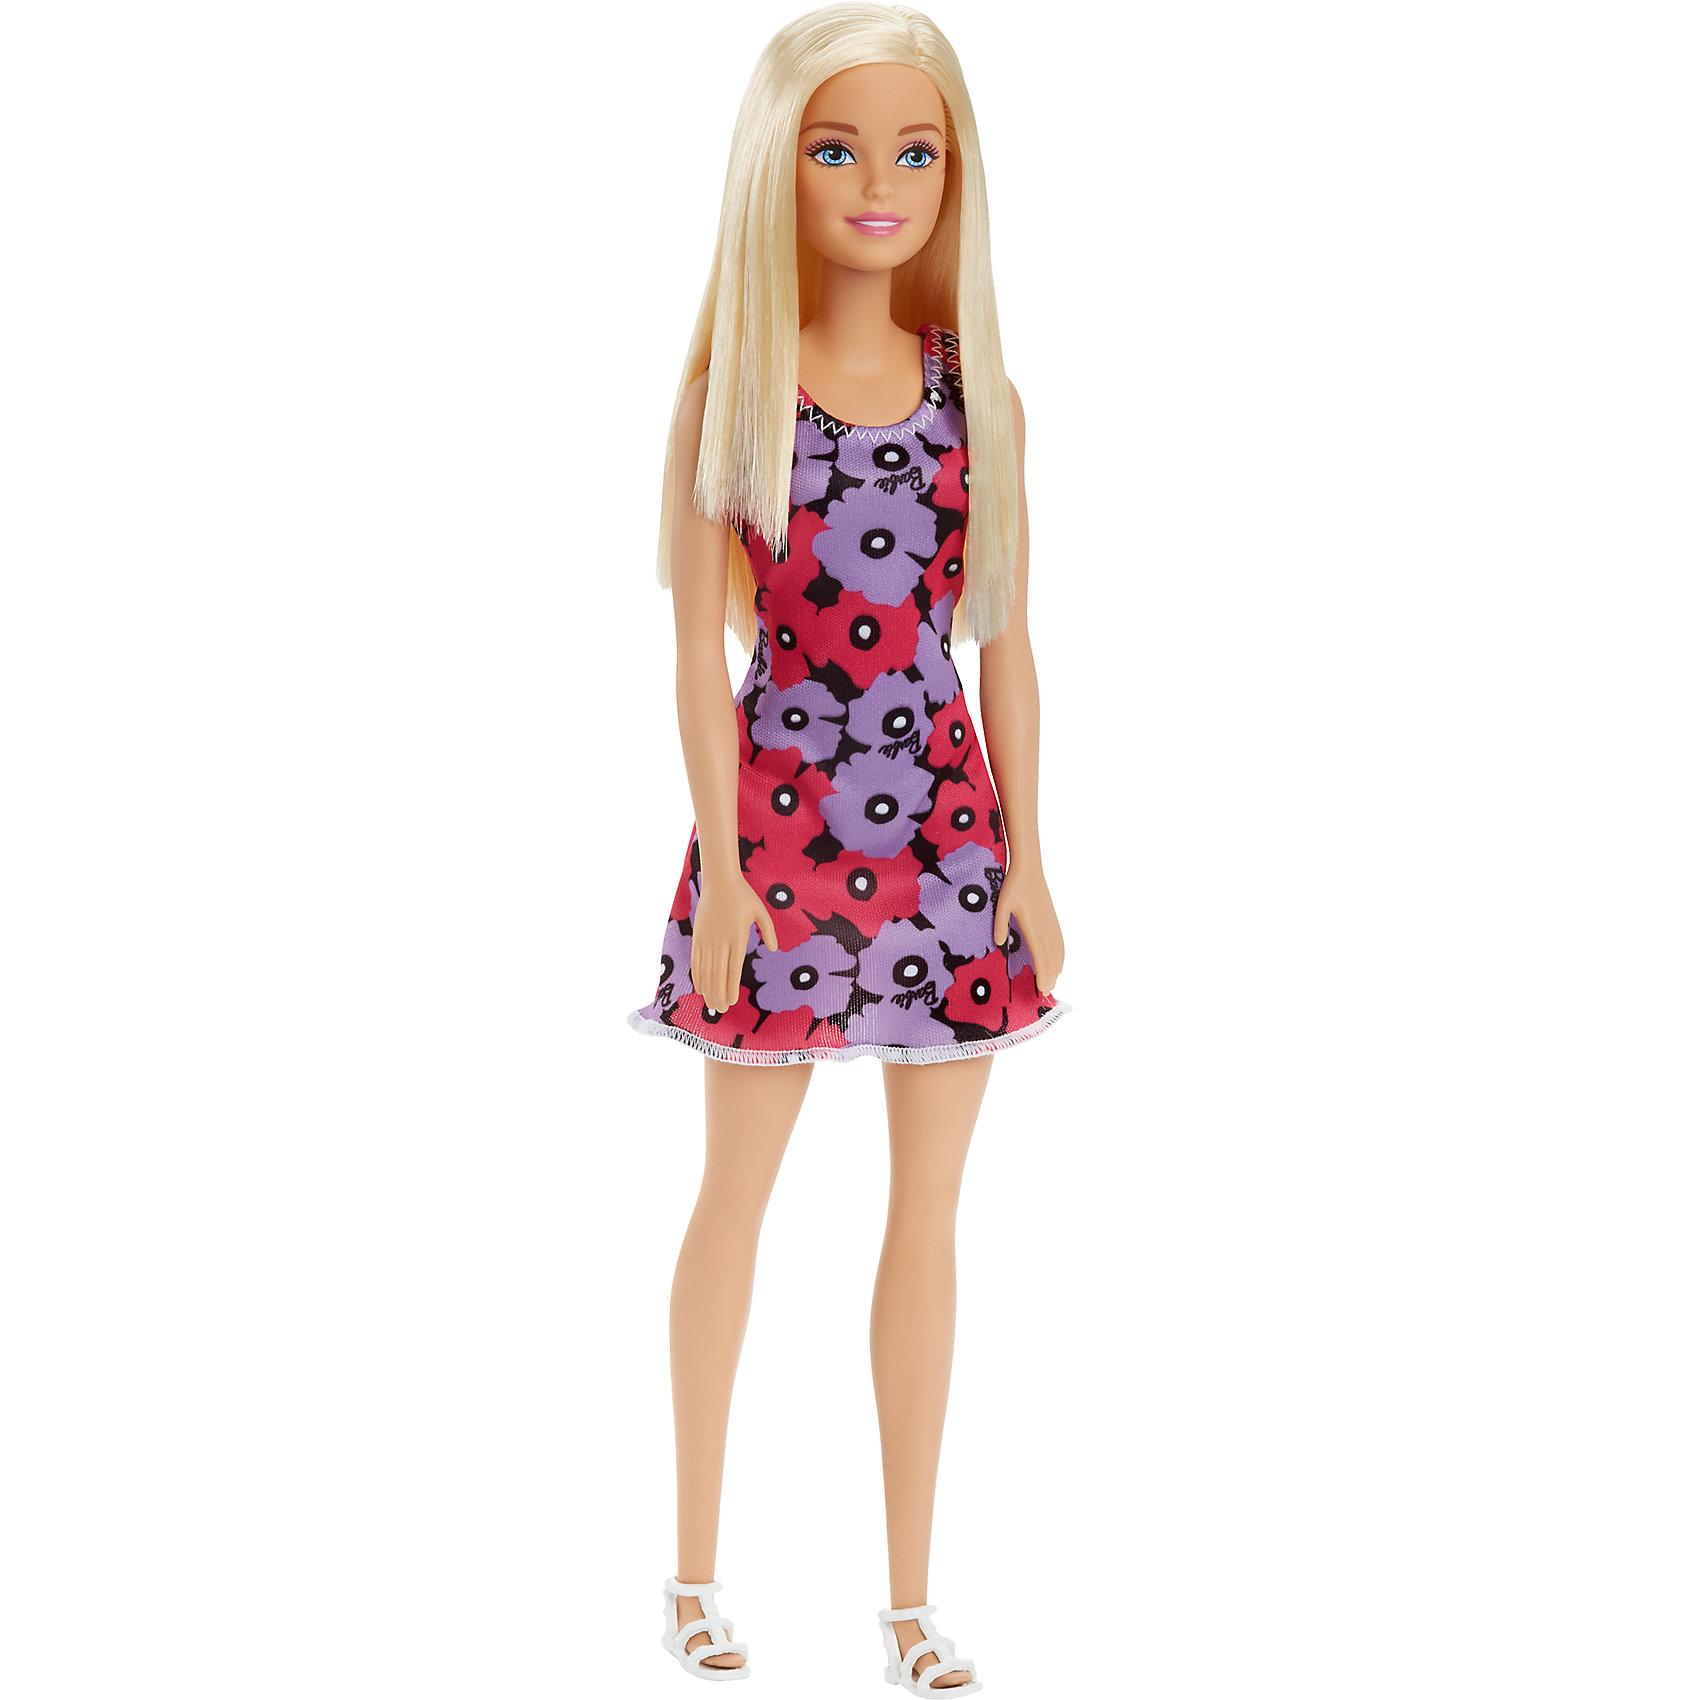 Кукла из серии Стиль, BarbieBarbie<br>Кукла из серии Стиль, Barbie (Барби) ? самая любимая и популярная кукла среди девочек разных возрастов представлена в новой серии Стиль. Кукла выполнена из экологично безопасного резины и пластика, волосы изготовлены из нейлона. У куклы голова, руки и ноги двигаются.<br>У Barbie серии Стиль длинные светлые волосы с прямым пробором. Она одета в стильное короткое приталенное платье, у которого на передней полочке имеется черно-белый полосатый принт волнами с розами, небольшими рукавами и горловиной в форме лодочки. Рукава и низ платья оформлены черным кантом. На ногах Барби съемные туфельки черного цвета.<br>Кукла из серии Стиль, Barbie (Барби) может быть отличным вариантом в качестве подарка для девочки к любому торжеству или в качестве коллекционной куклы.<br><br>Дополнительная информация:<br><br>- Вид игр: сюжетно-ролевые <br>- Предназначение: для дома<br>- Серия: Стиль<br>- Материал: пластик, резина, текстиль<br>- Размер (Д*Ш*В): 6*5*8 см<br>- Вес: 158 г <br>- Особенности ухода: куклу можно купать, аксессуары ? мыть в теплой мыльной воде, платье ? ручная стирка<br><br>Подробнее:<br><br>• Для детей в возрасте: от 3 лет и до 10 лет<br>• Страна производитель: Индонезия<br>• Торговый бренд: Barbie<br><br>Куклу из серии Стиль, Barbie (Барби) можно купить в нашем интернет-магазине.<br><br>Ширина мм: 60<br>Глубина мм: 50<br>Высота мм: 80<br>Вес г: 158<br>Возраст от месяцев: 36<br>Возраст до месяцев: 120<br>Пол: Женский<br>Возраст: Детский<br>SKU: 4918449